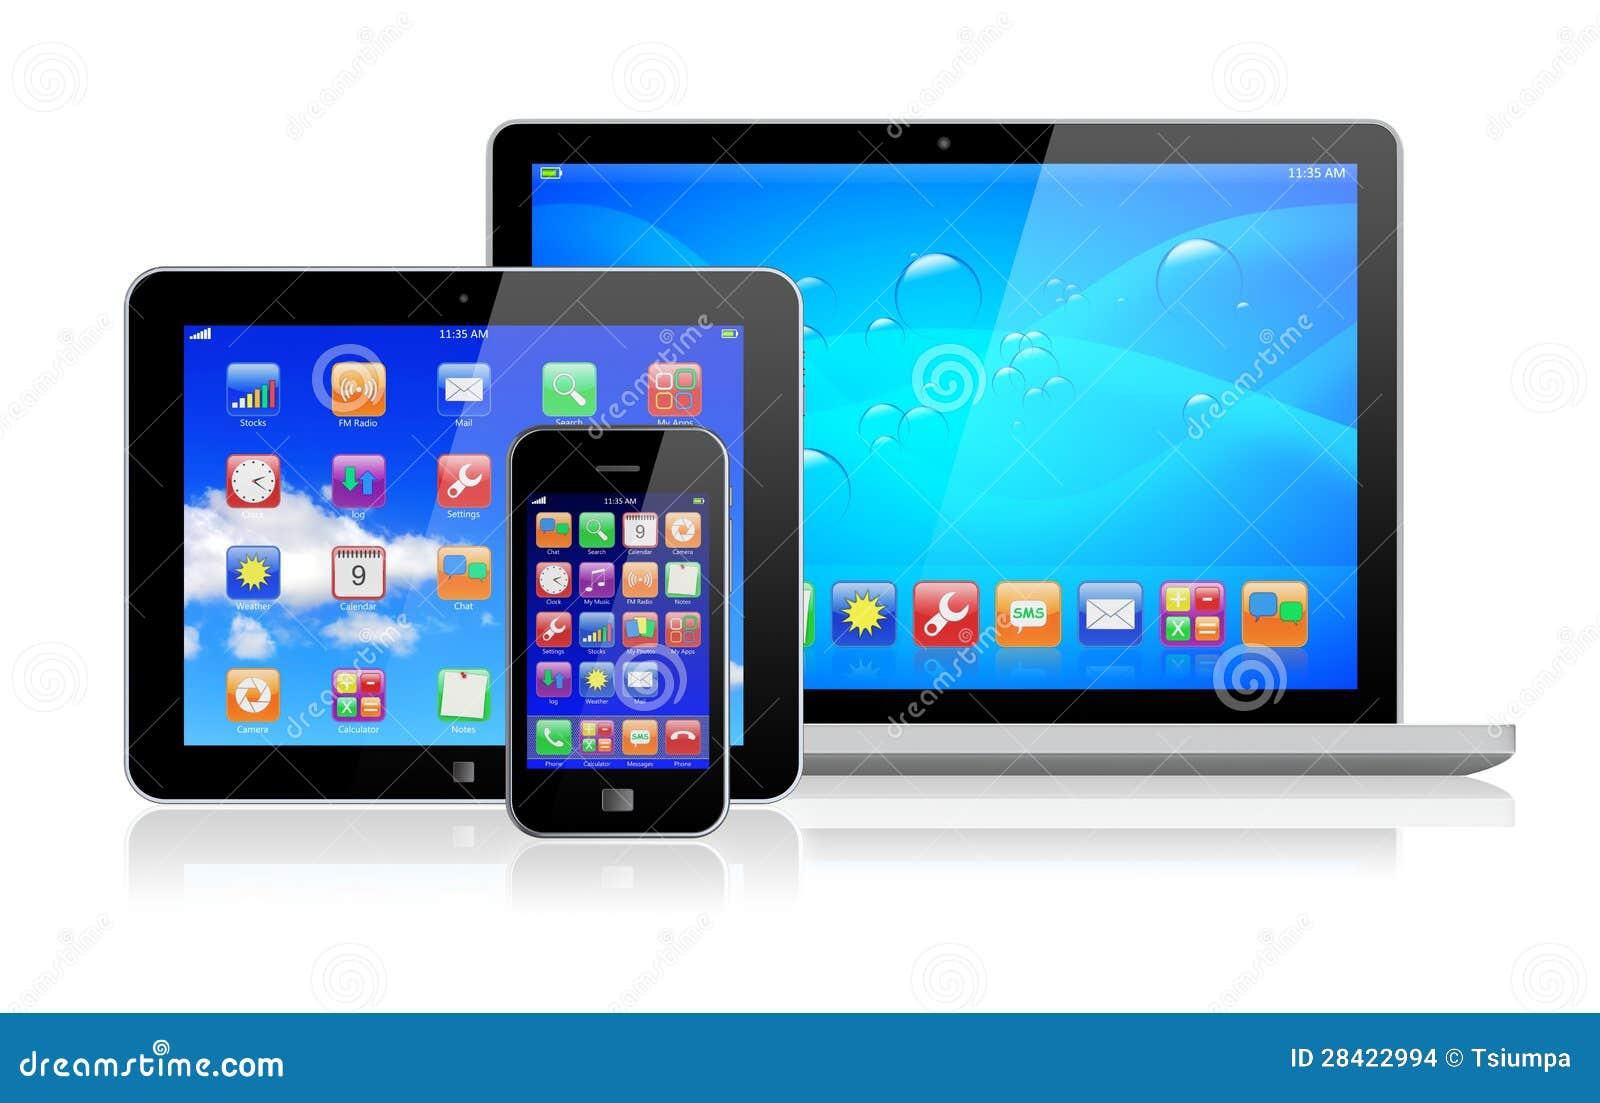 ordinateur portable pc de tablette et smartphone images. Black Bedroom Furniture Sets. Home Design Ideas